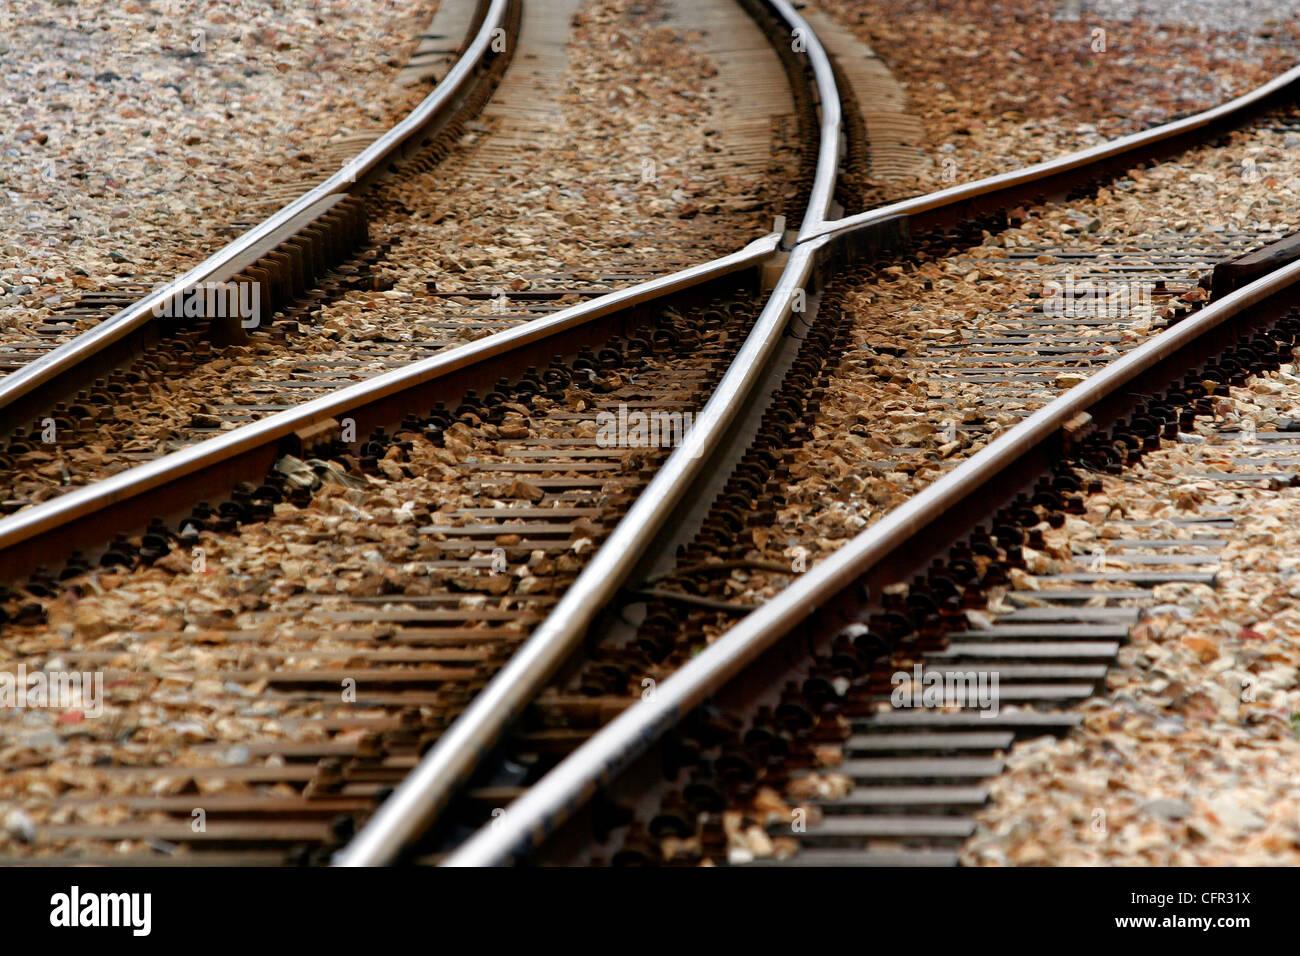 Cruce de vías. Stock Photo